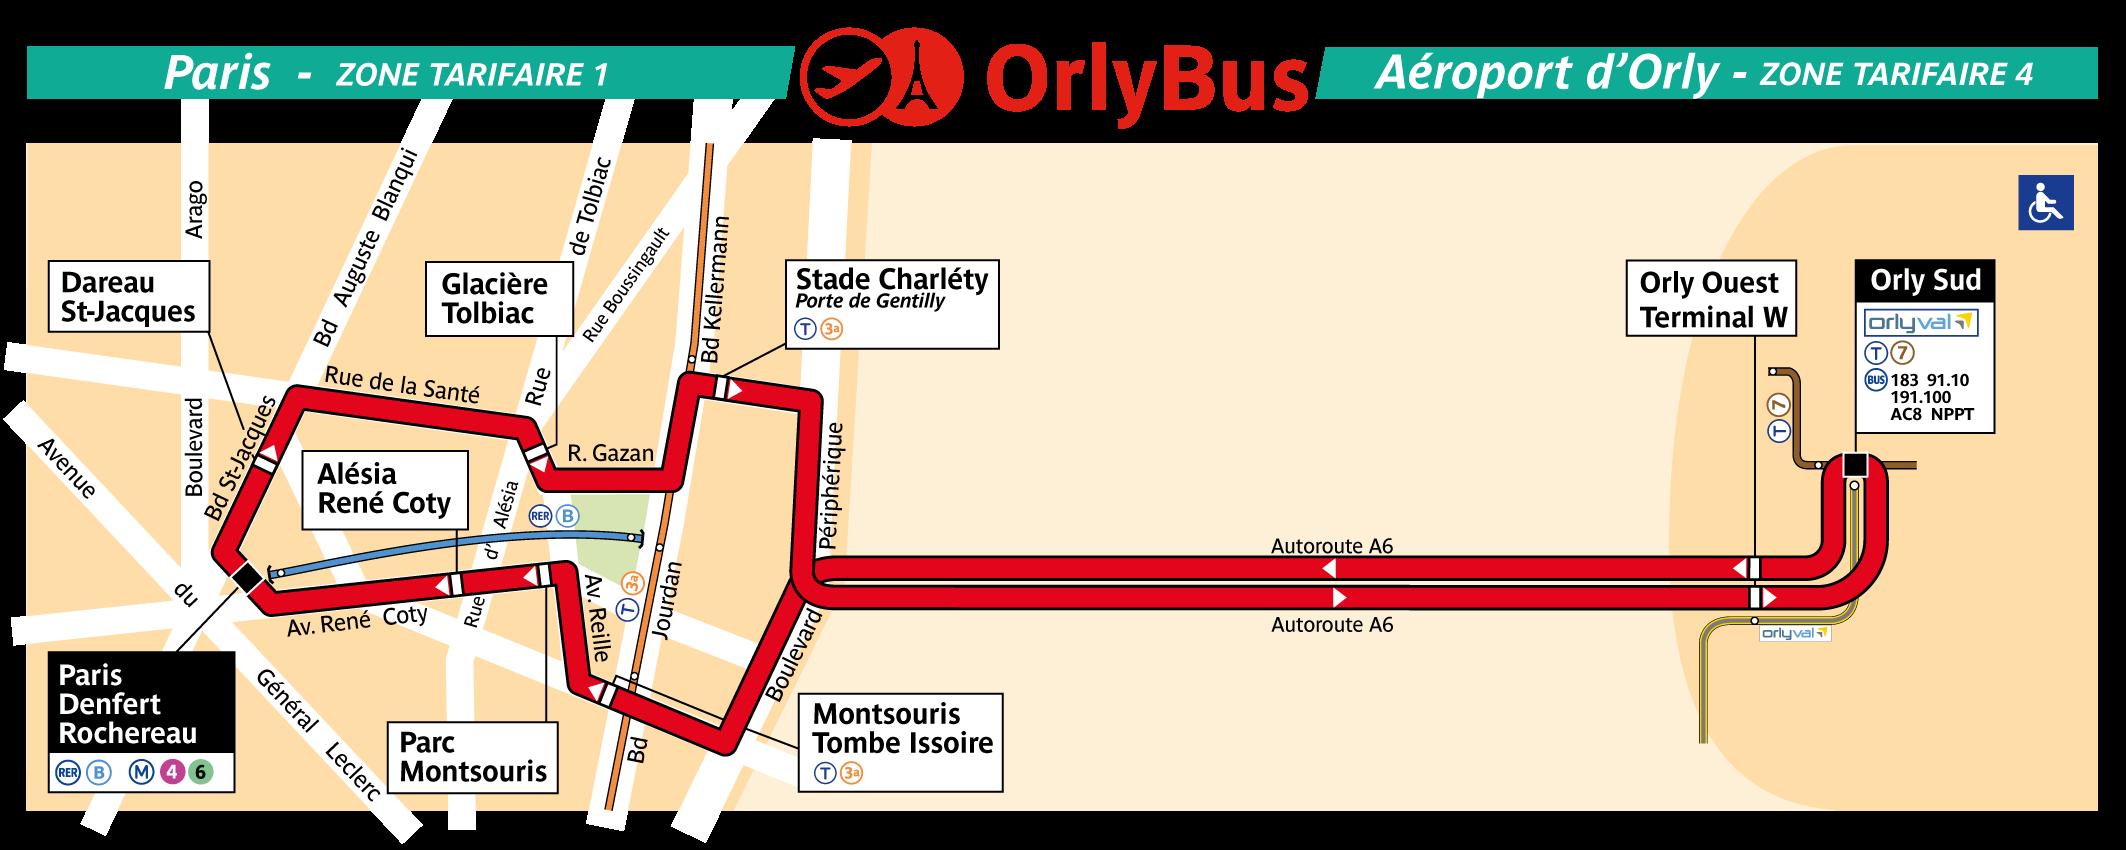 Маршрут автобуса Orlybus